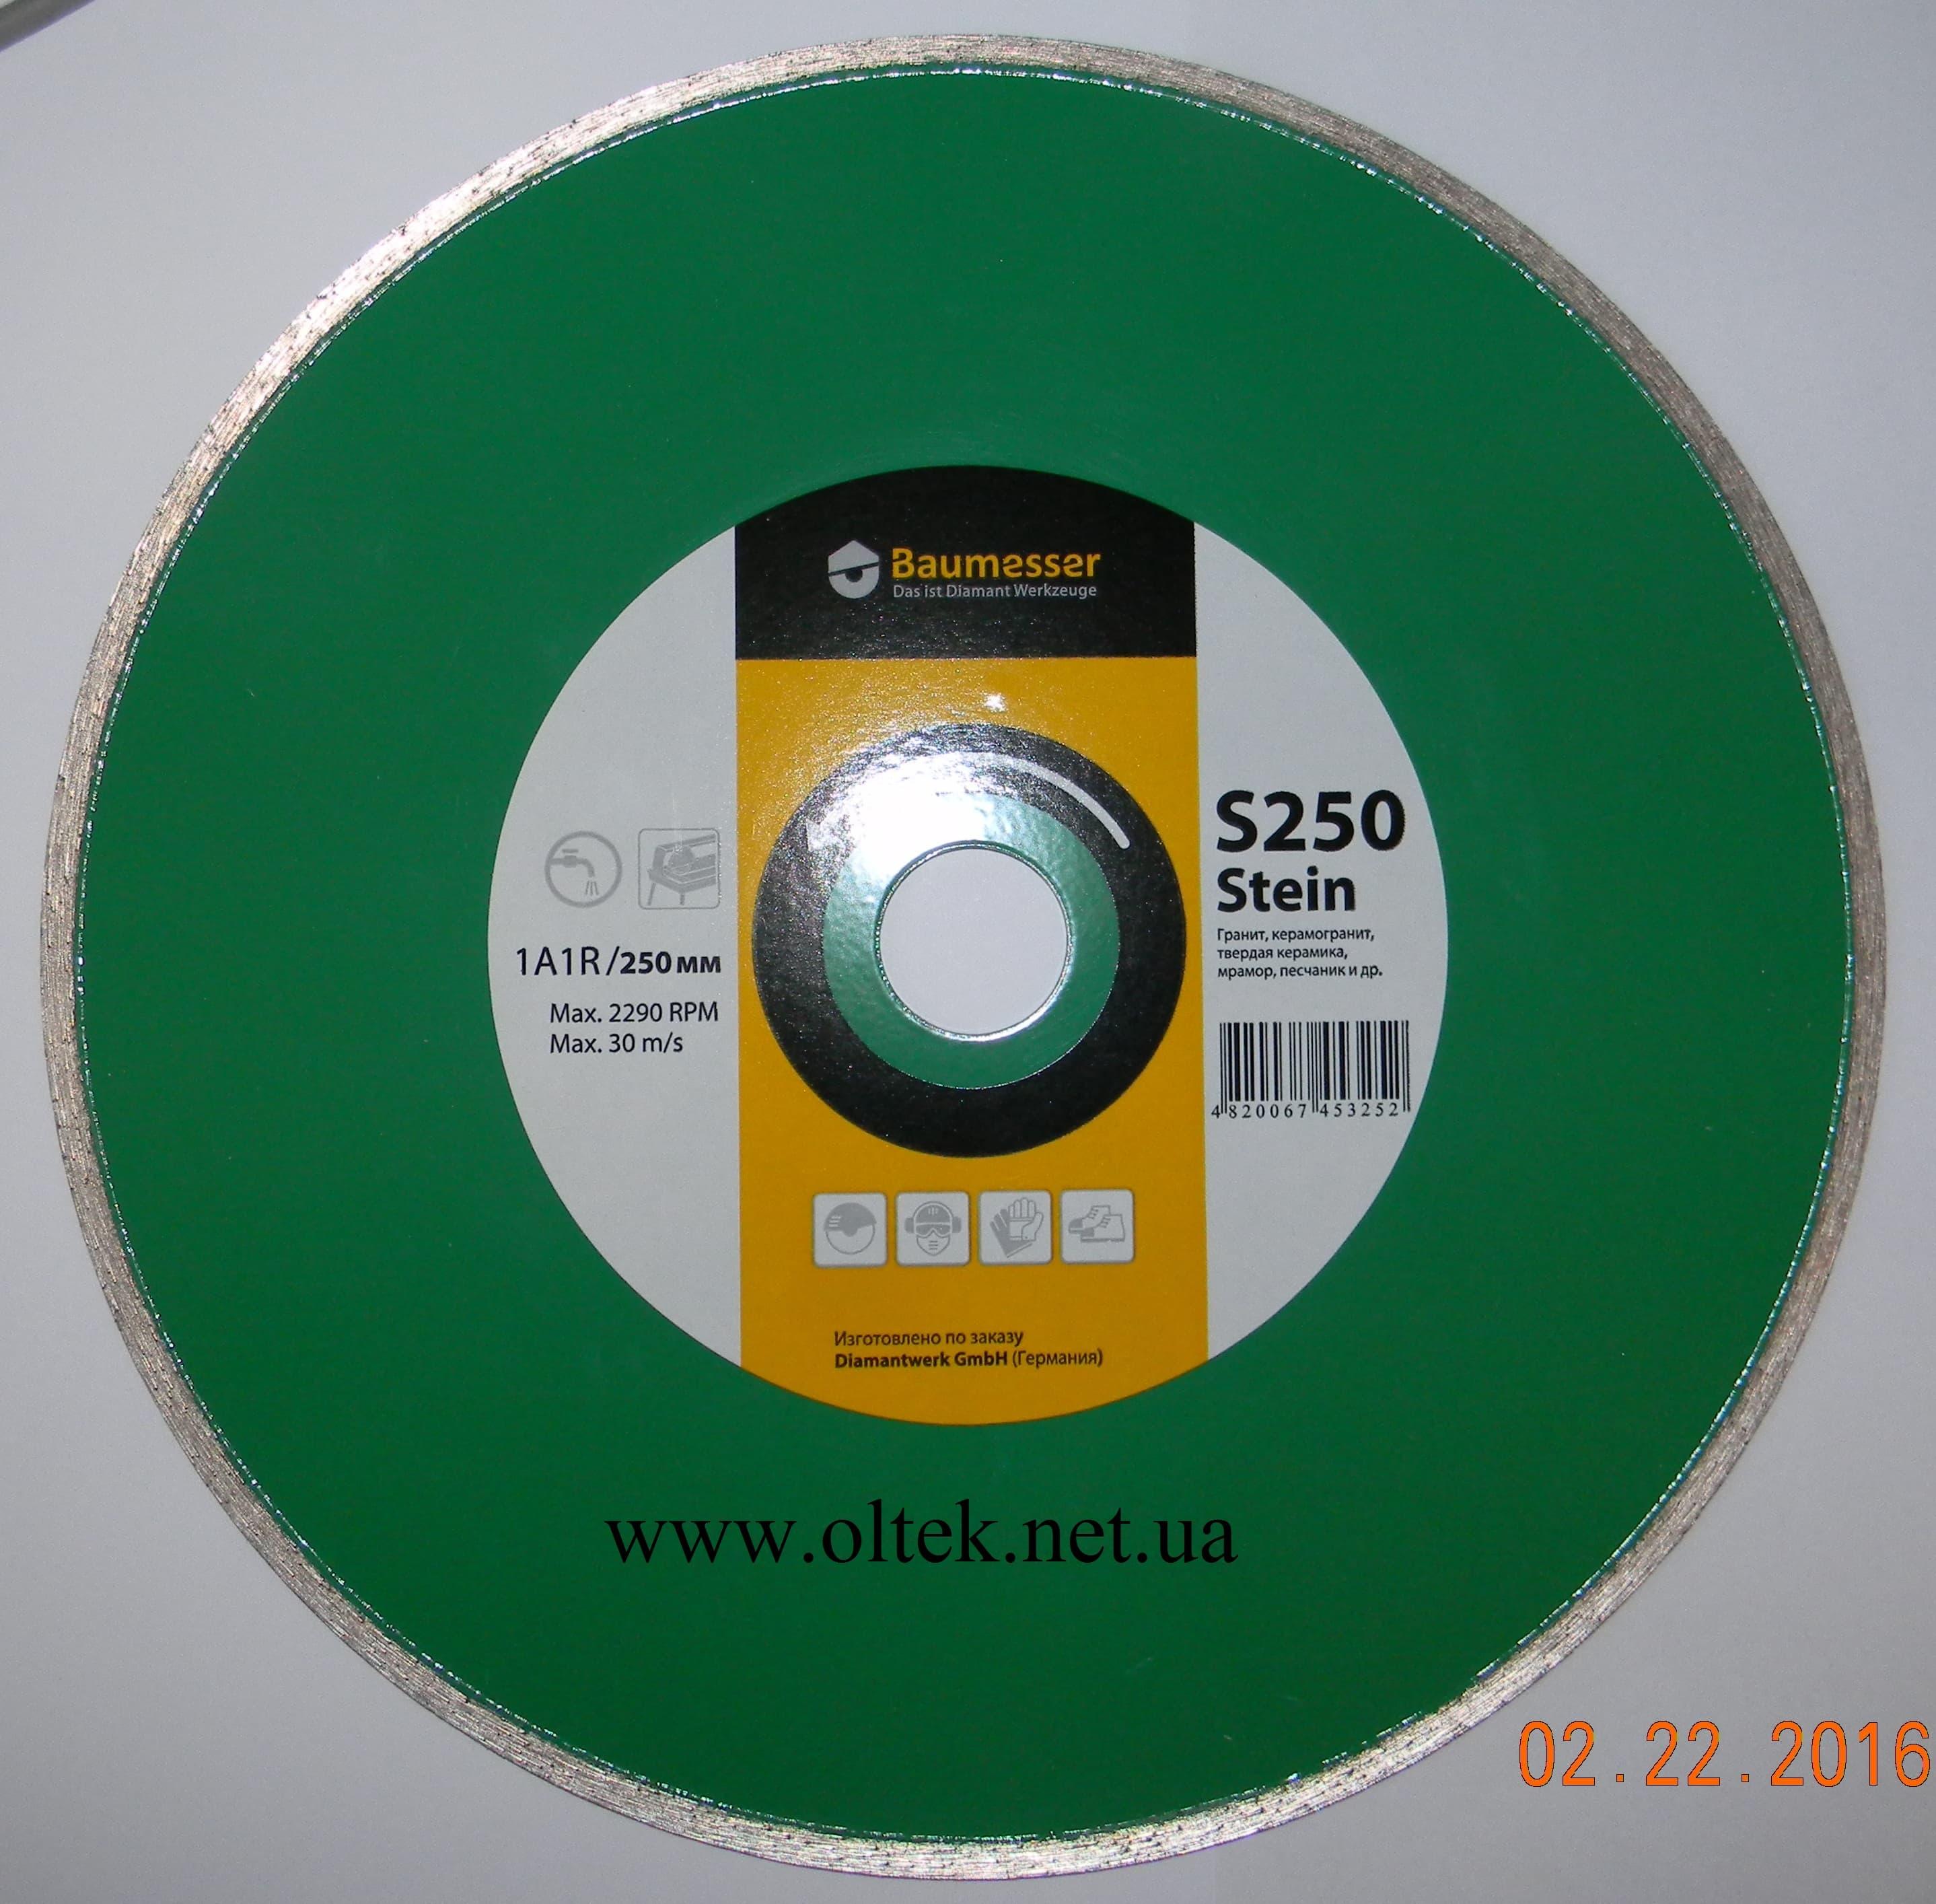 Baumesser disk